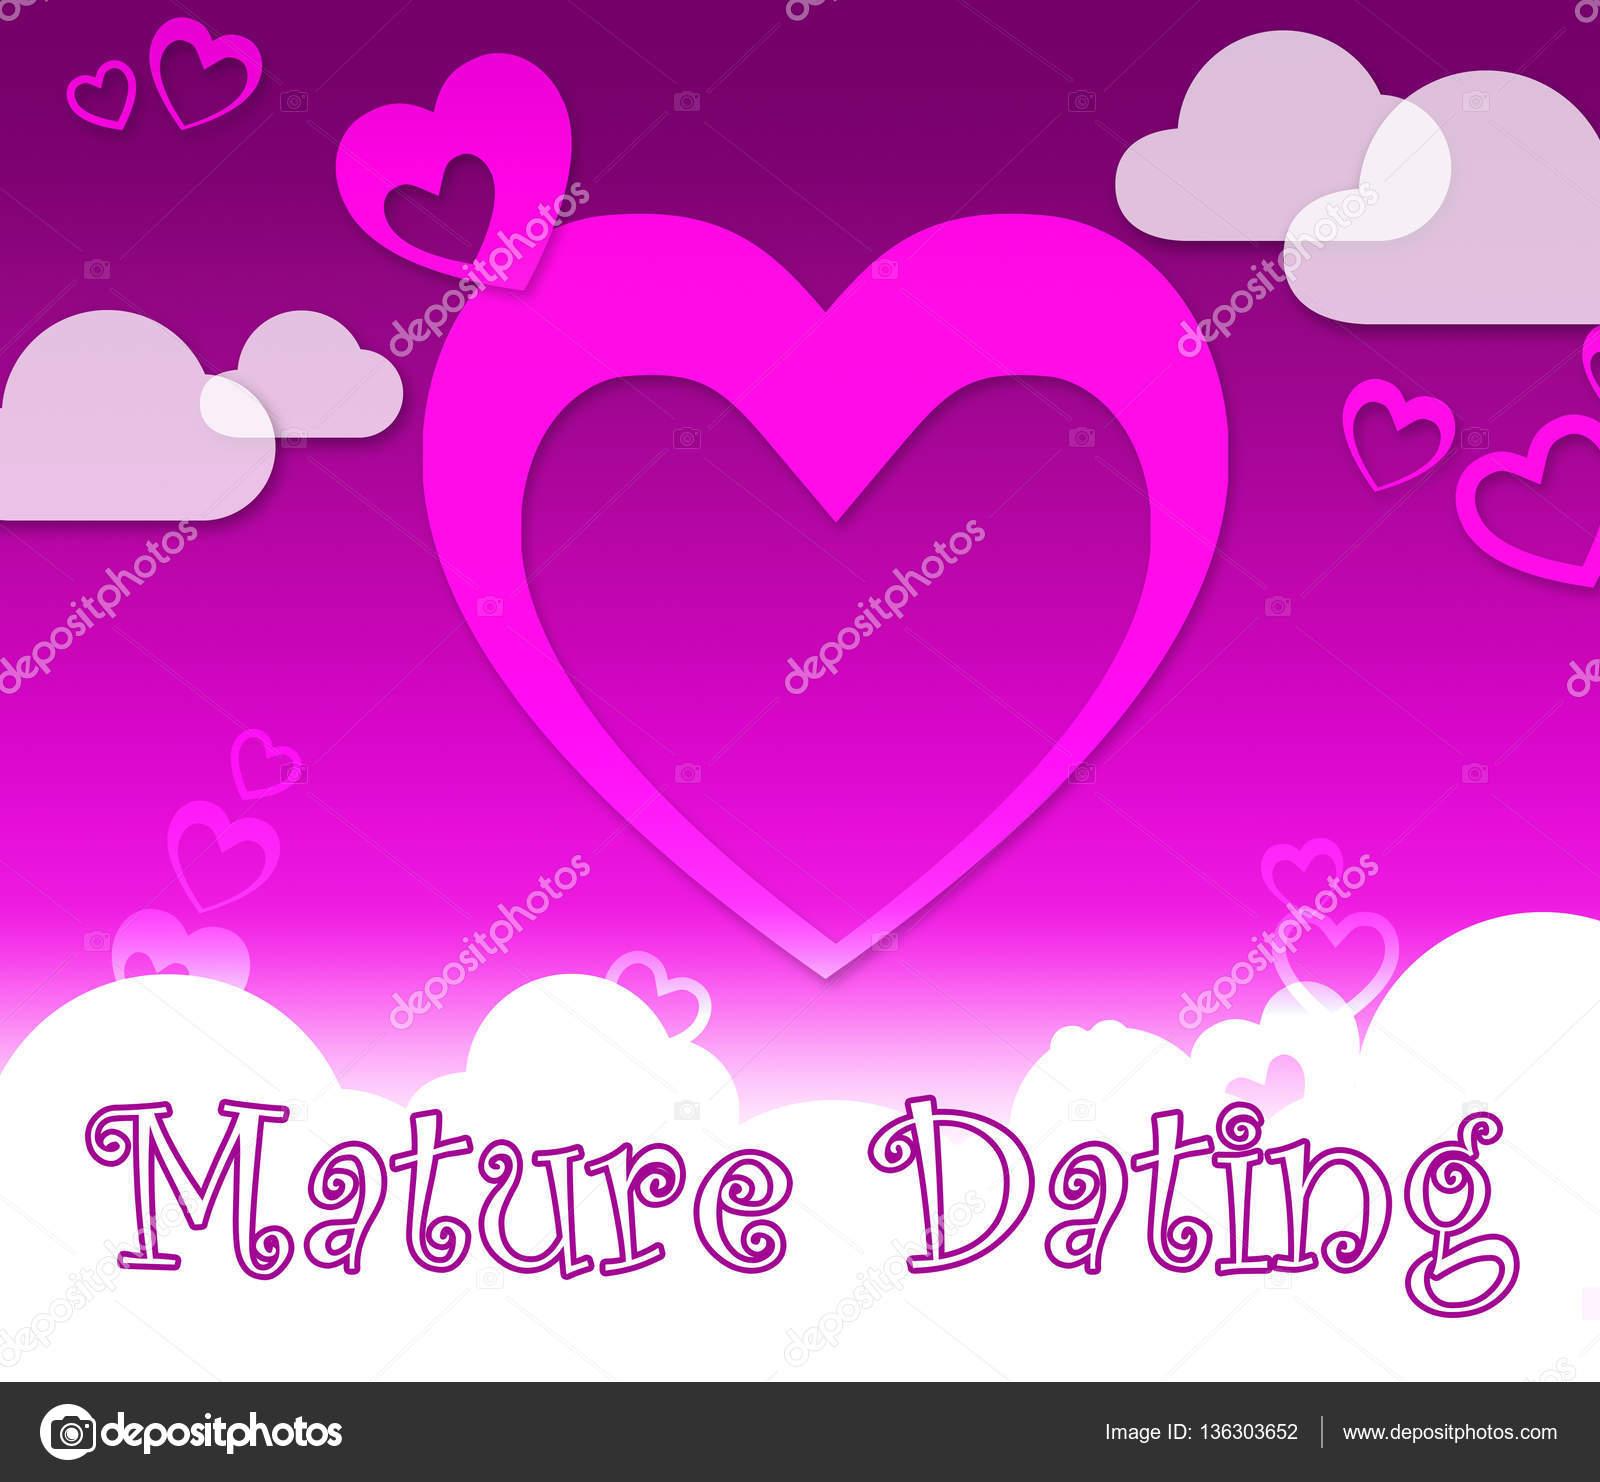 Prominente, die Online-Dating nutzen